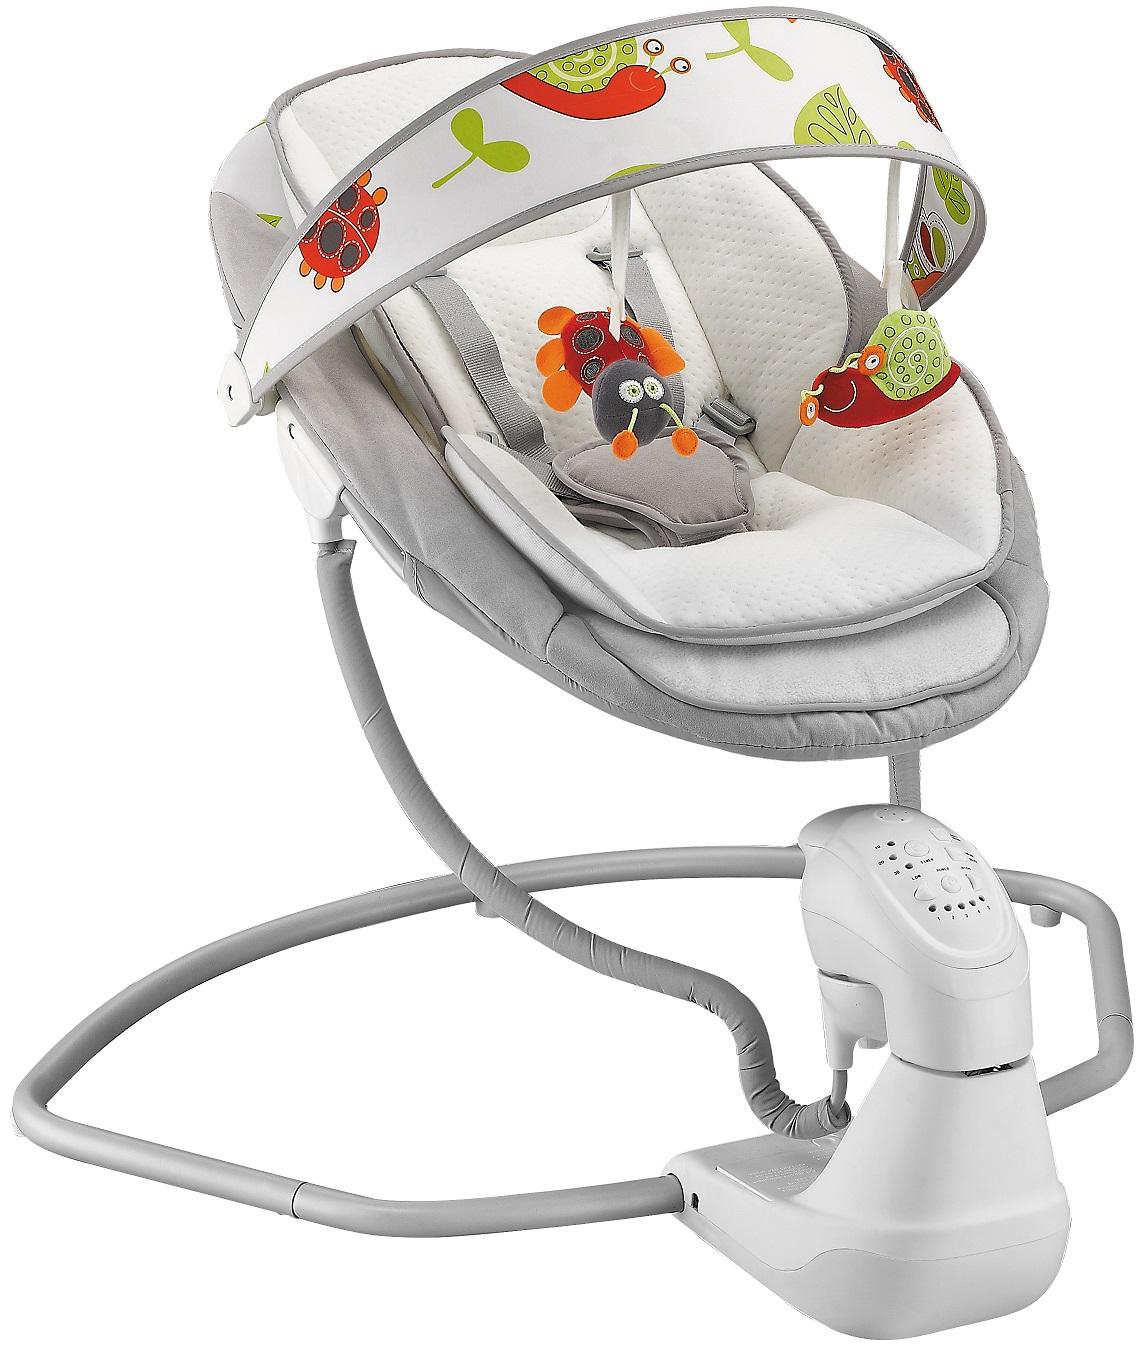 Электрокачели Nuovita Attento PiccoloЭлектронные качели для детей<br>Электрокачели Nuovita Attento Piccolo<br>